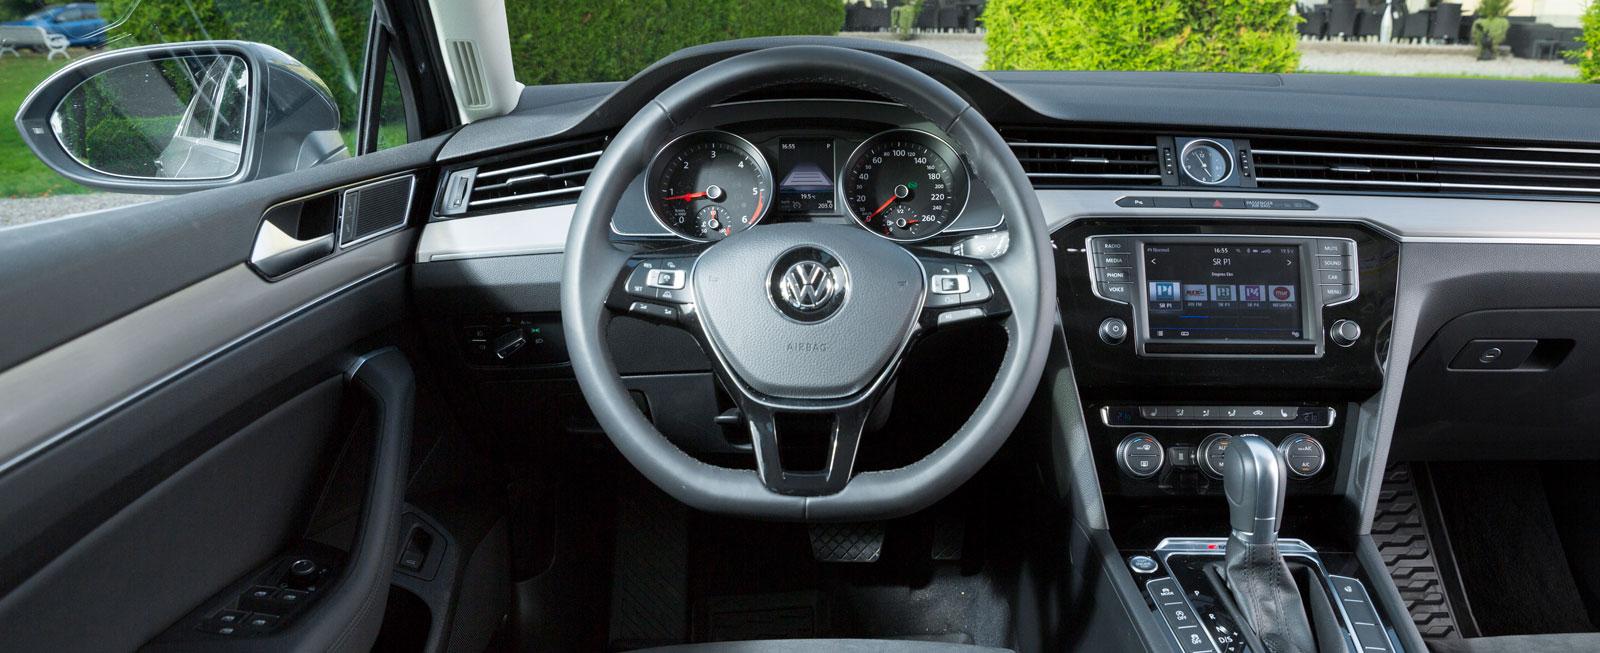 VW:s förarplats är utmärkt och visar att konventionella reglagelösningar kan vara väl så bra. Men helheten är mer steril än i BMW och Volvo.